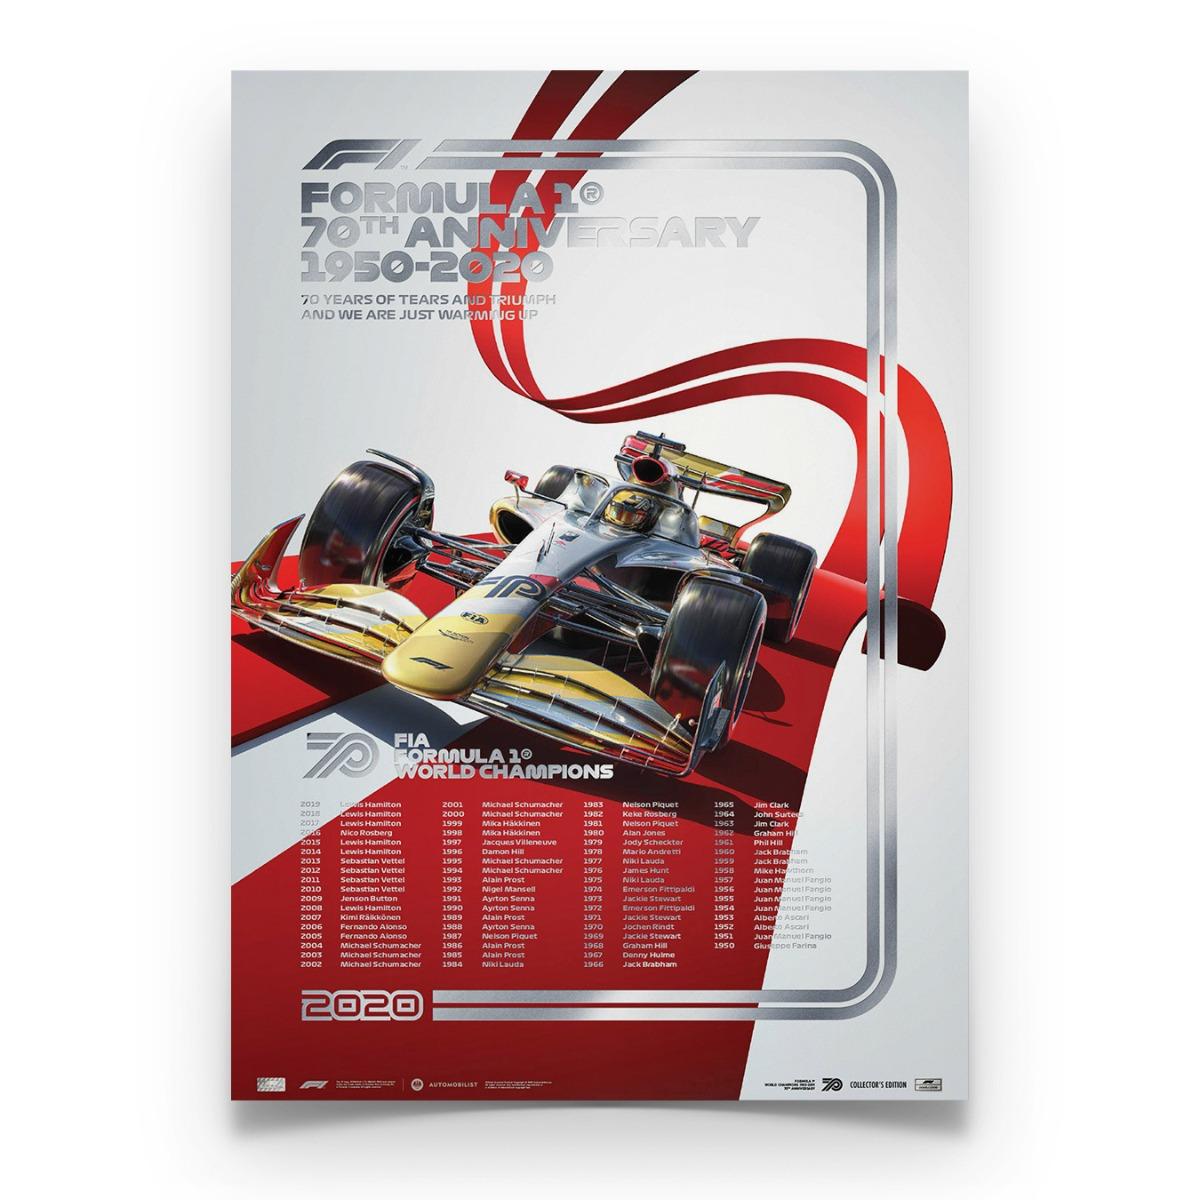 FIA FORMULA 1® World Champions 1950-2019 - 70th Anniversary